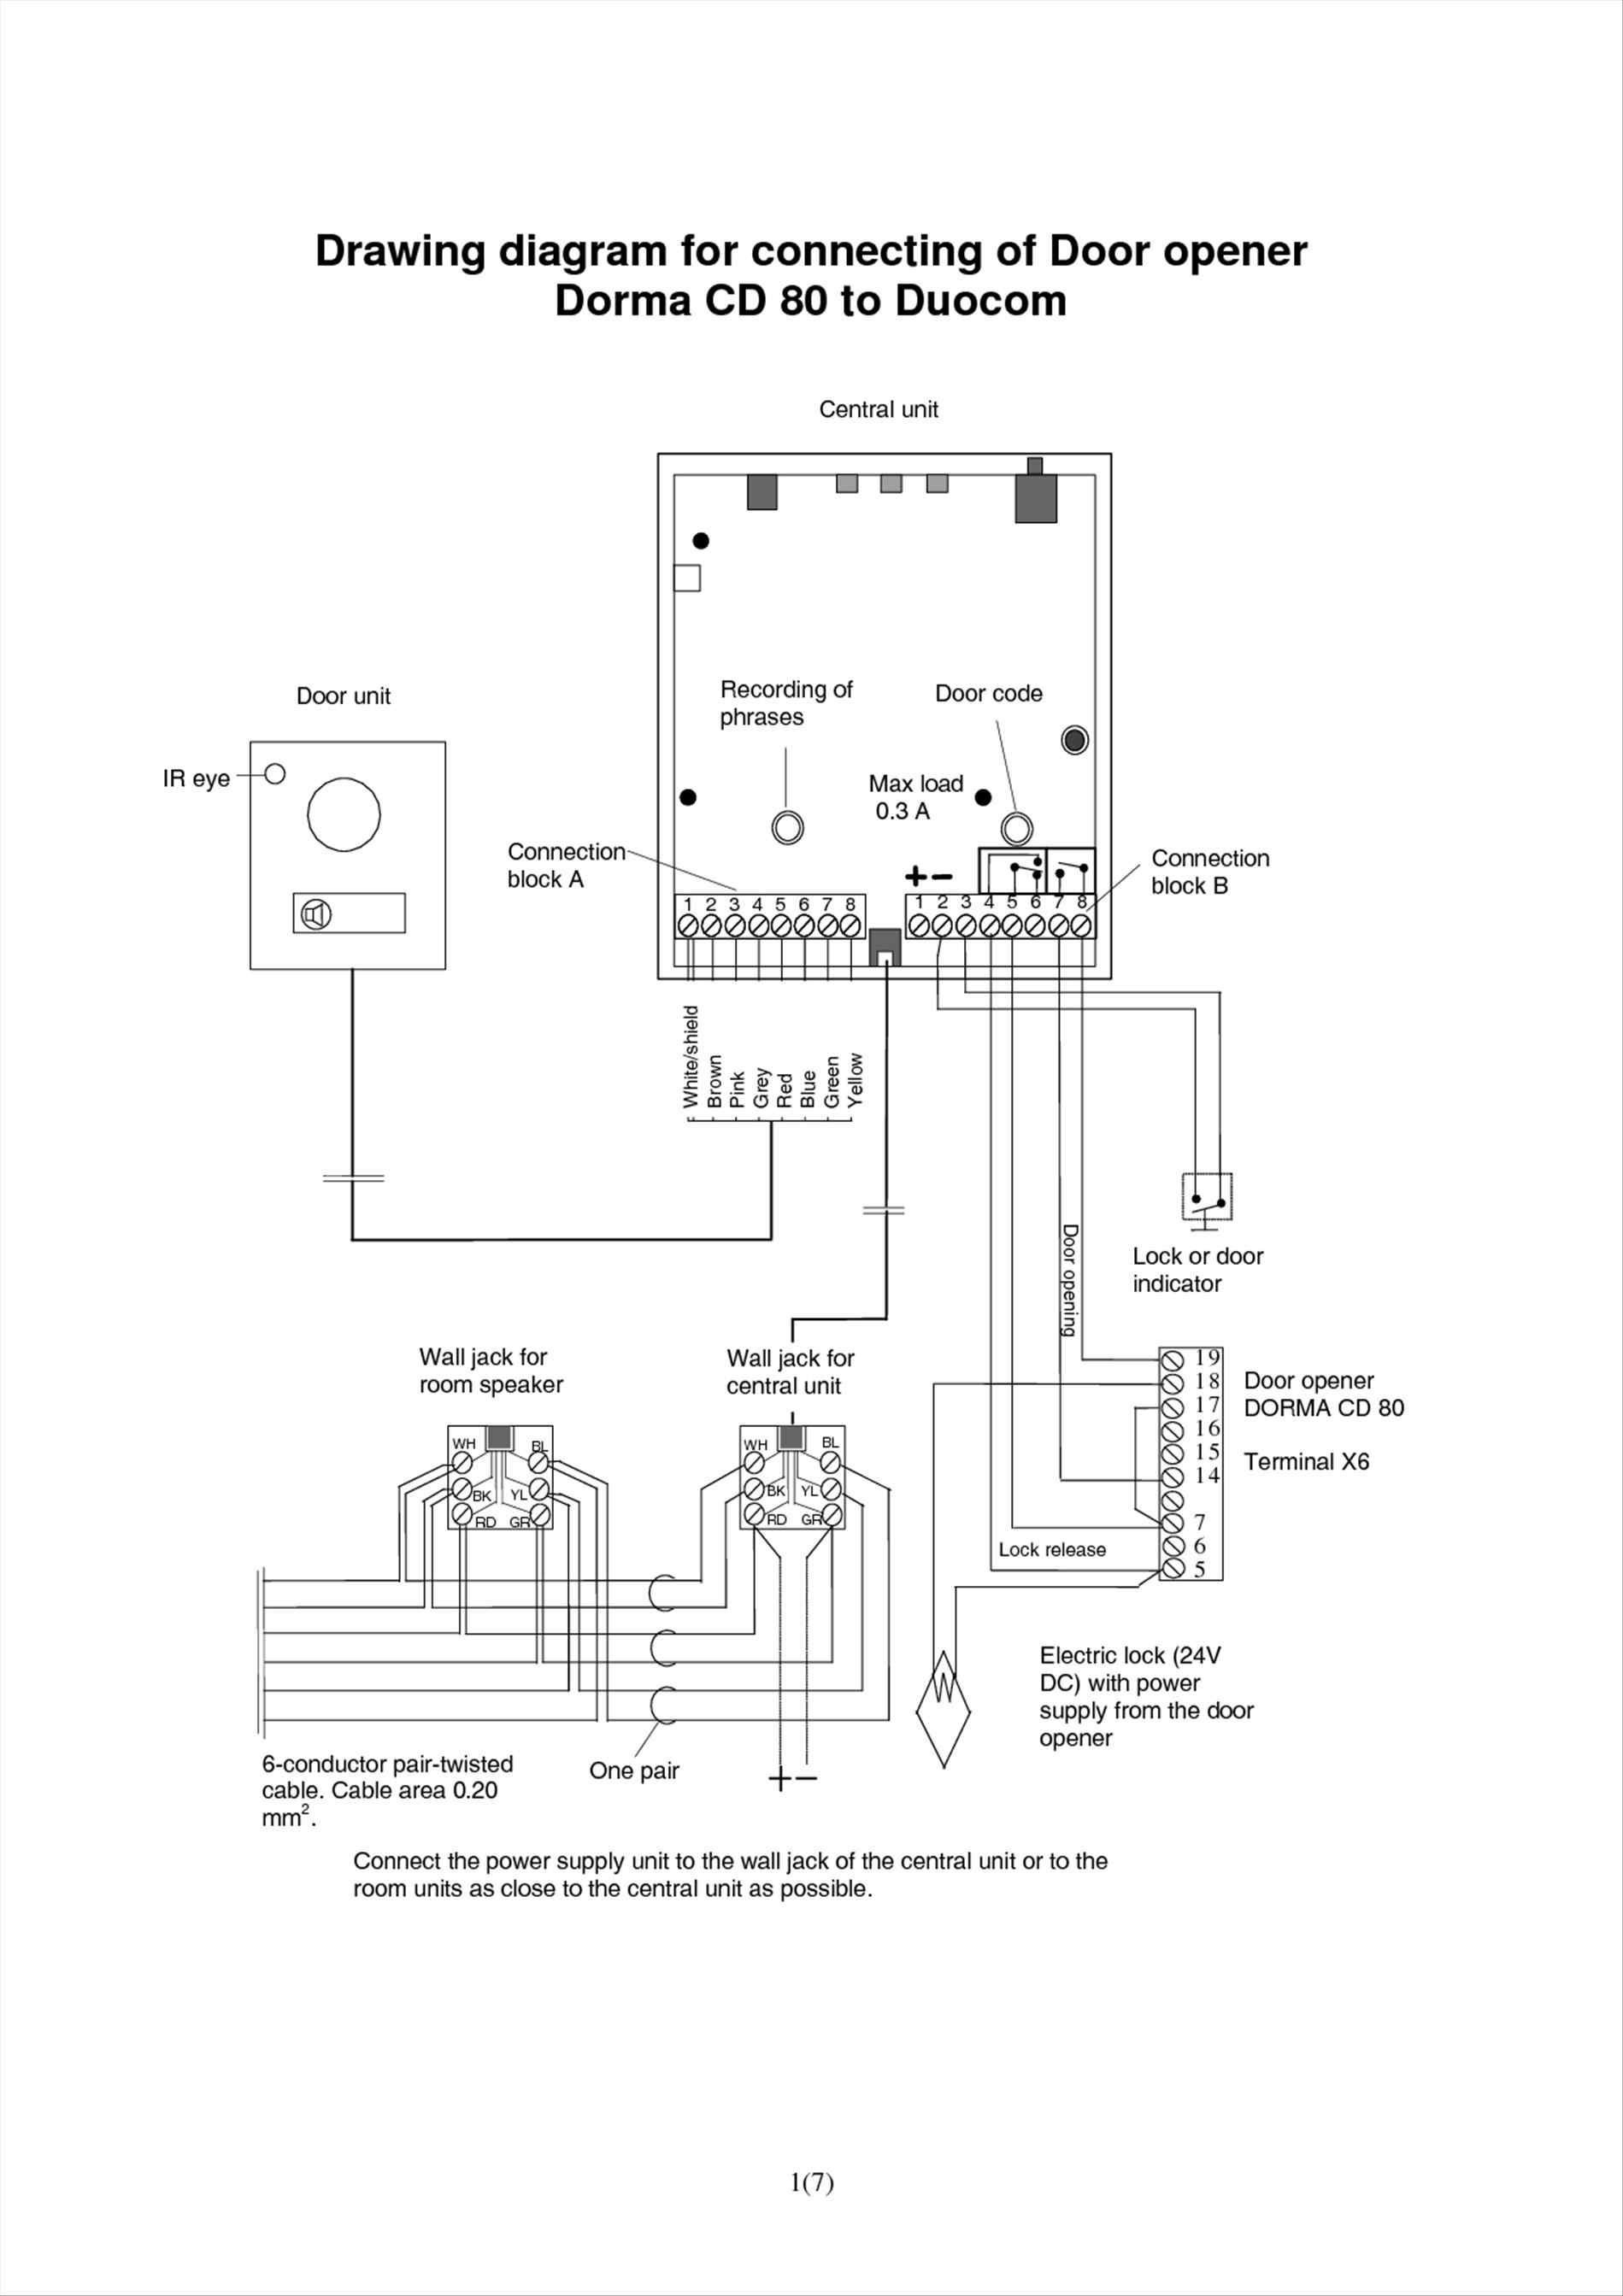 chamberlain garage door opener wiring diagram Collection-Genie Garage Door Opener Sensor Wiring Diagramgarage Doors 33 For 17-r